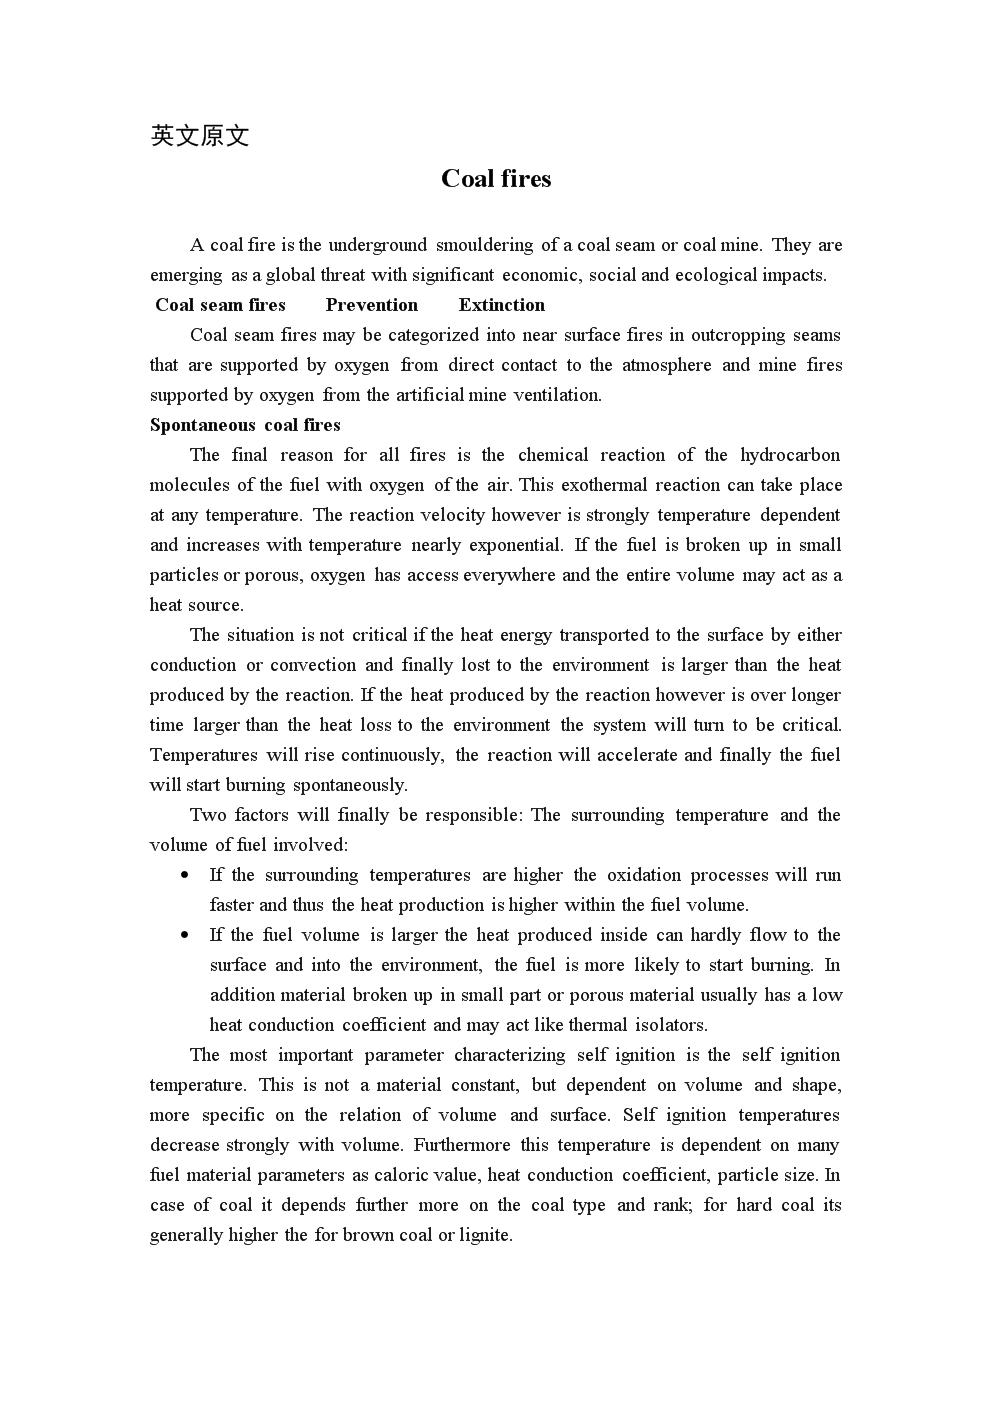 煤炭火灾外文文献翻译、中英文翻译.doc